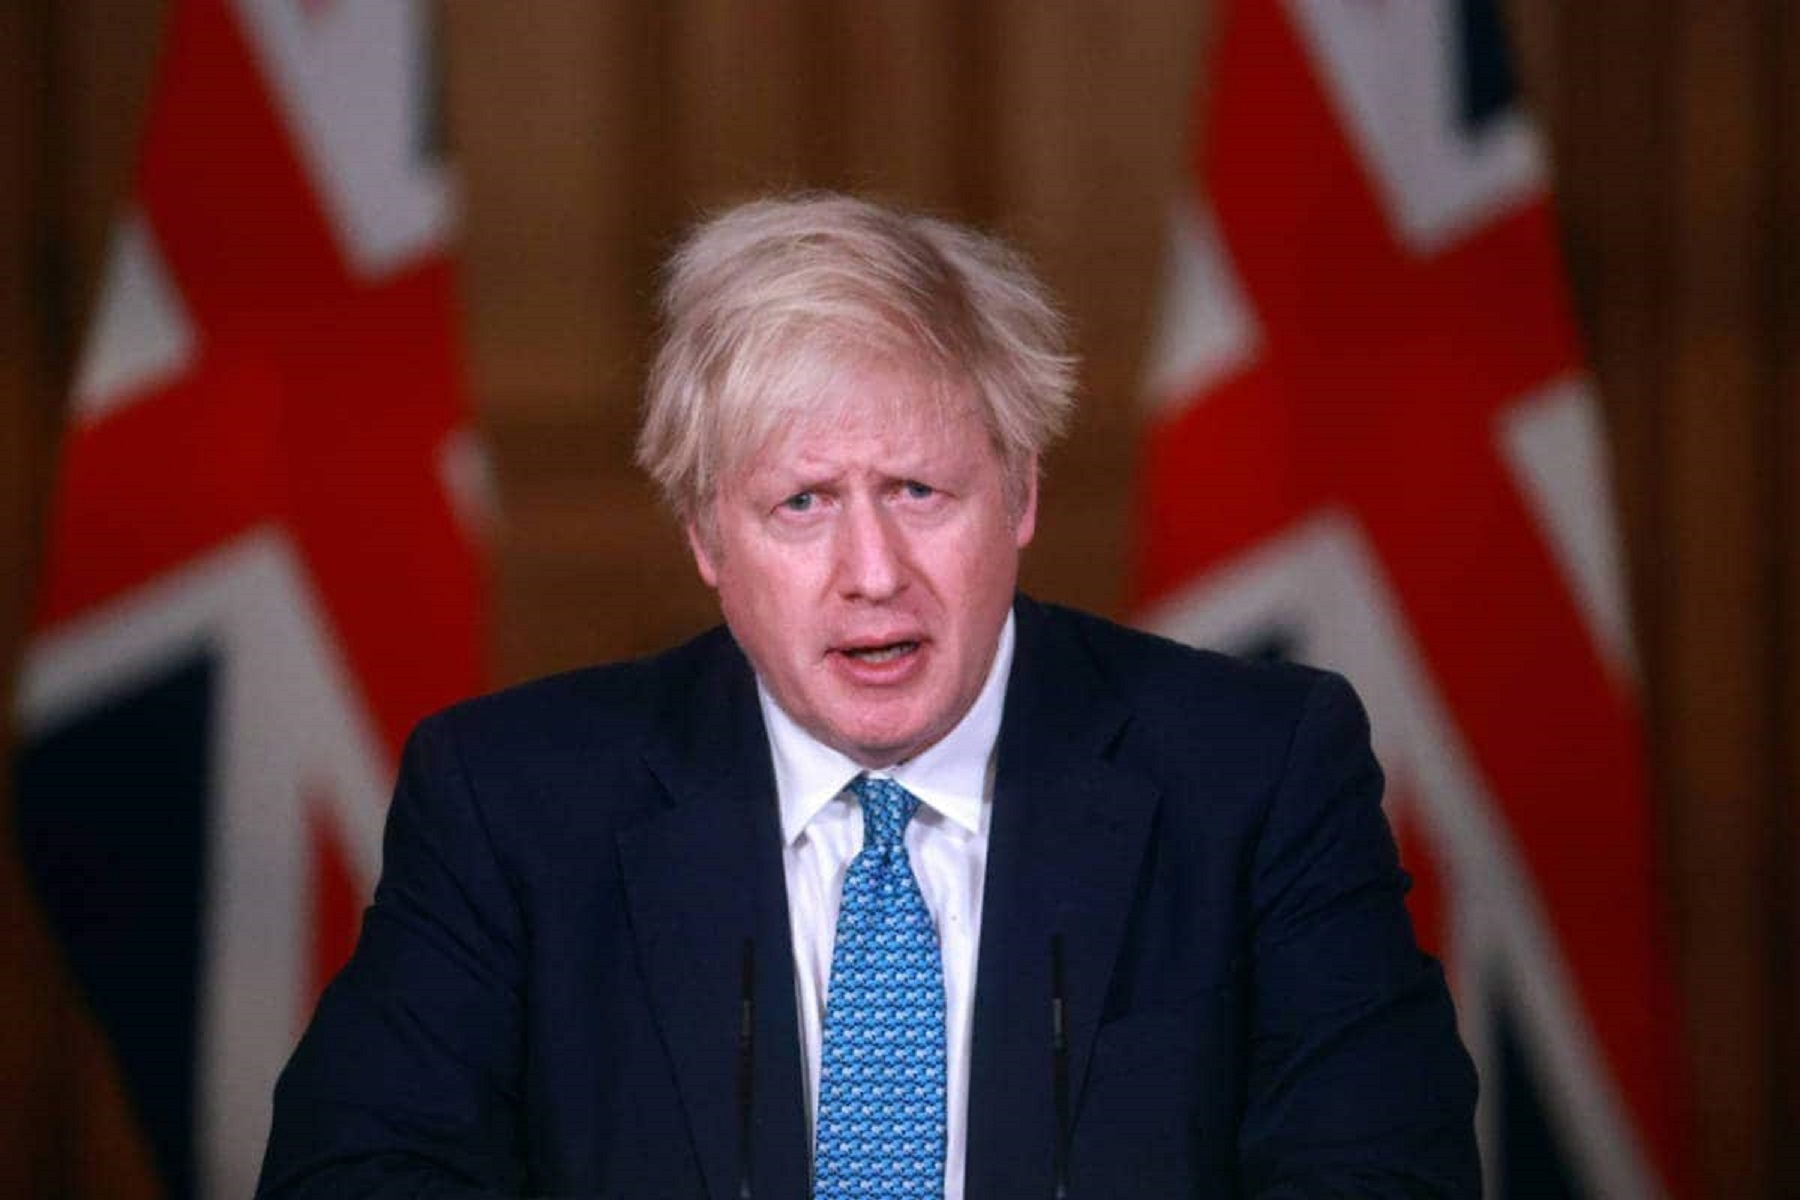 Κορωνοϊός Βρετανία: Αναμένεται να καθυστερήσει την πλήρη άρση των περιορισμών